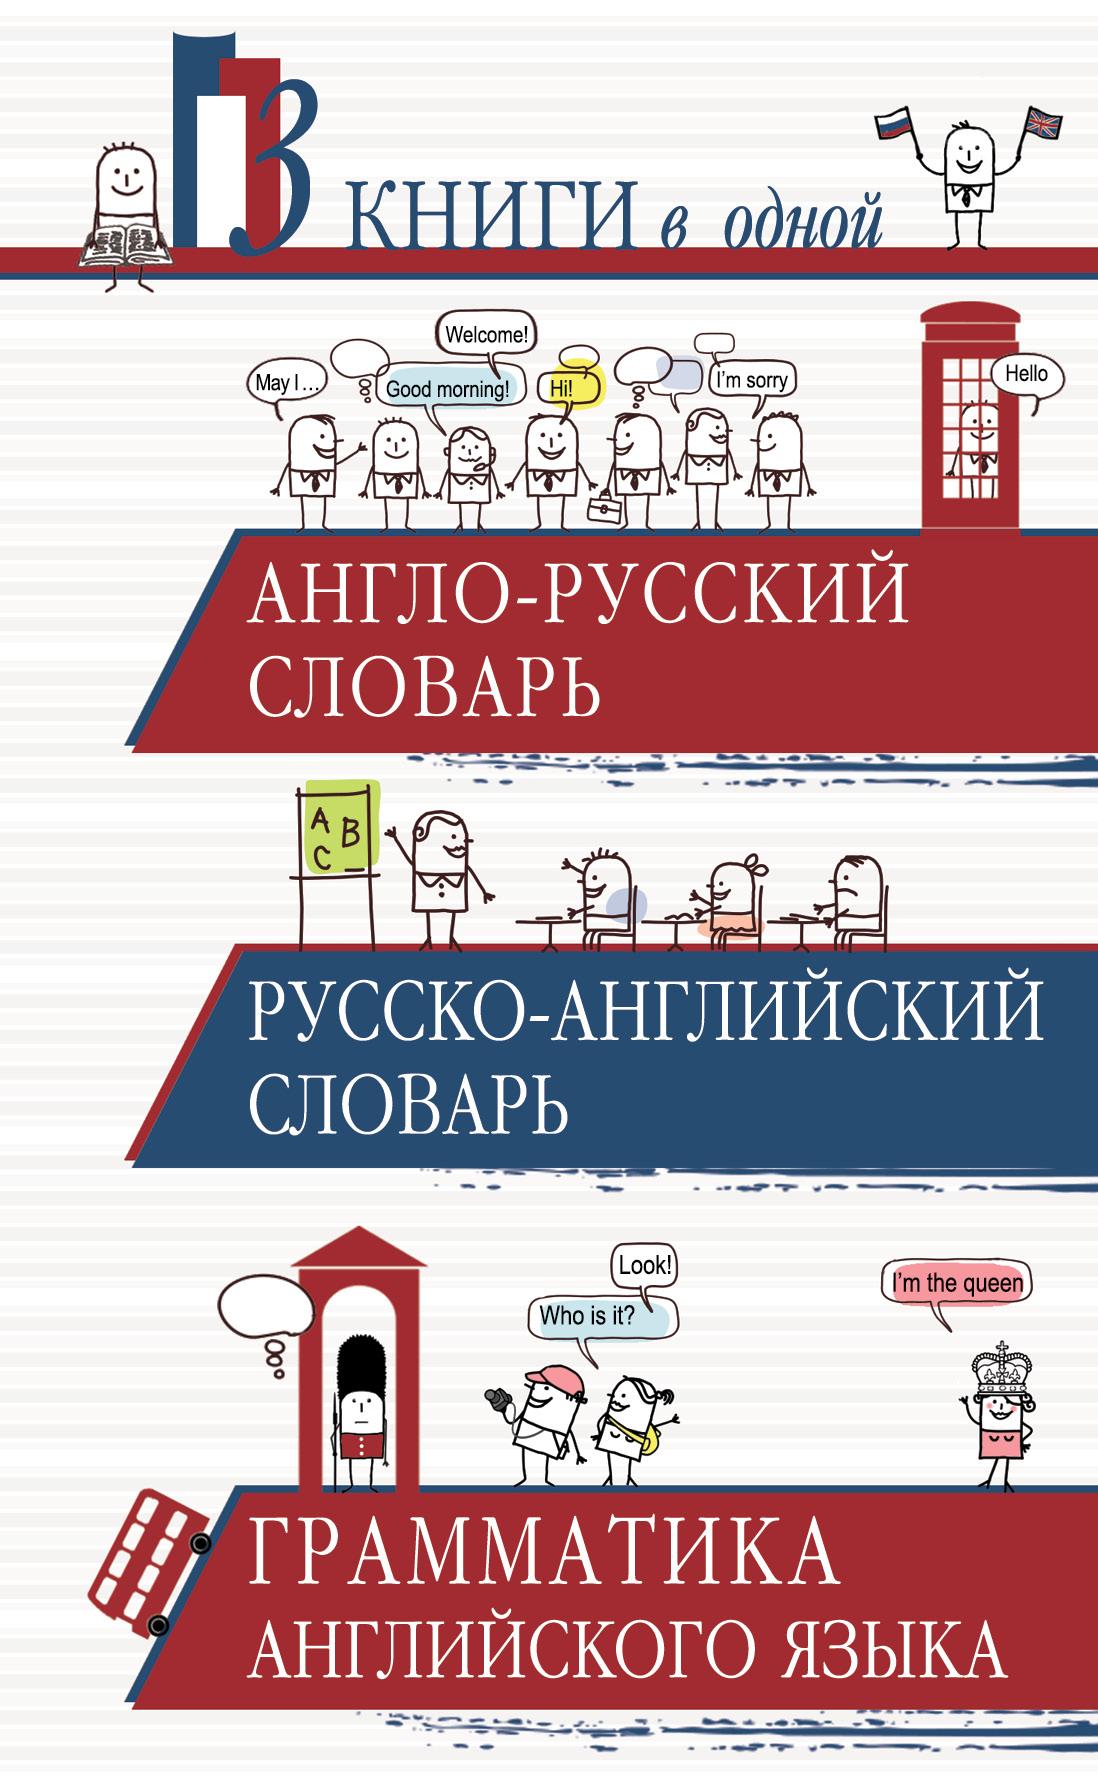 Англо-русский словарь. Русско-английский словарь. Грамматика английского языка. 3 книги в одной авто за 250 тыс